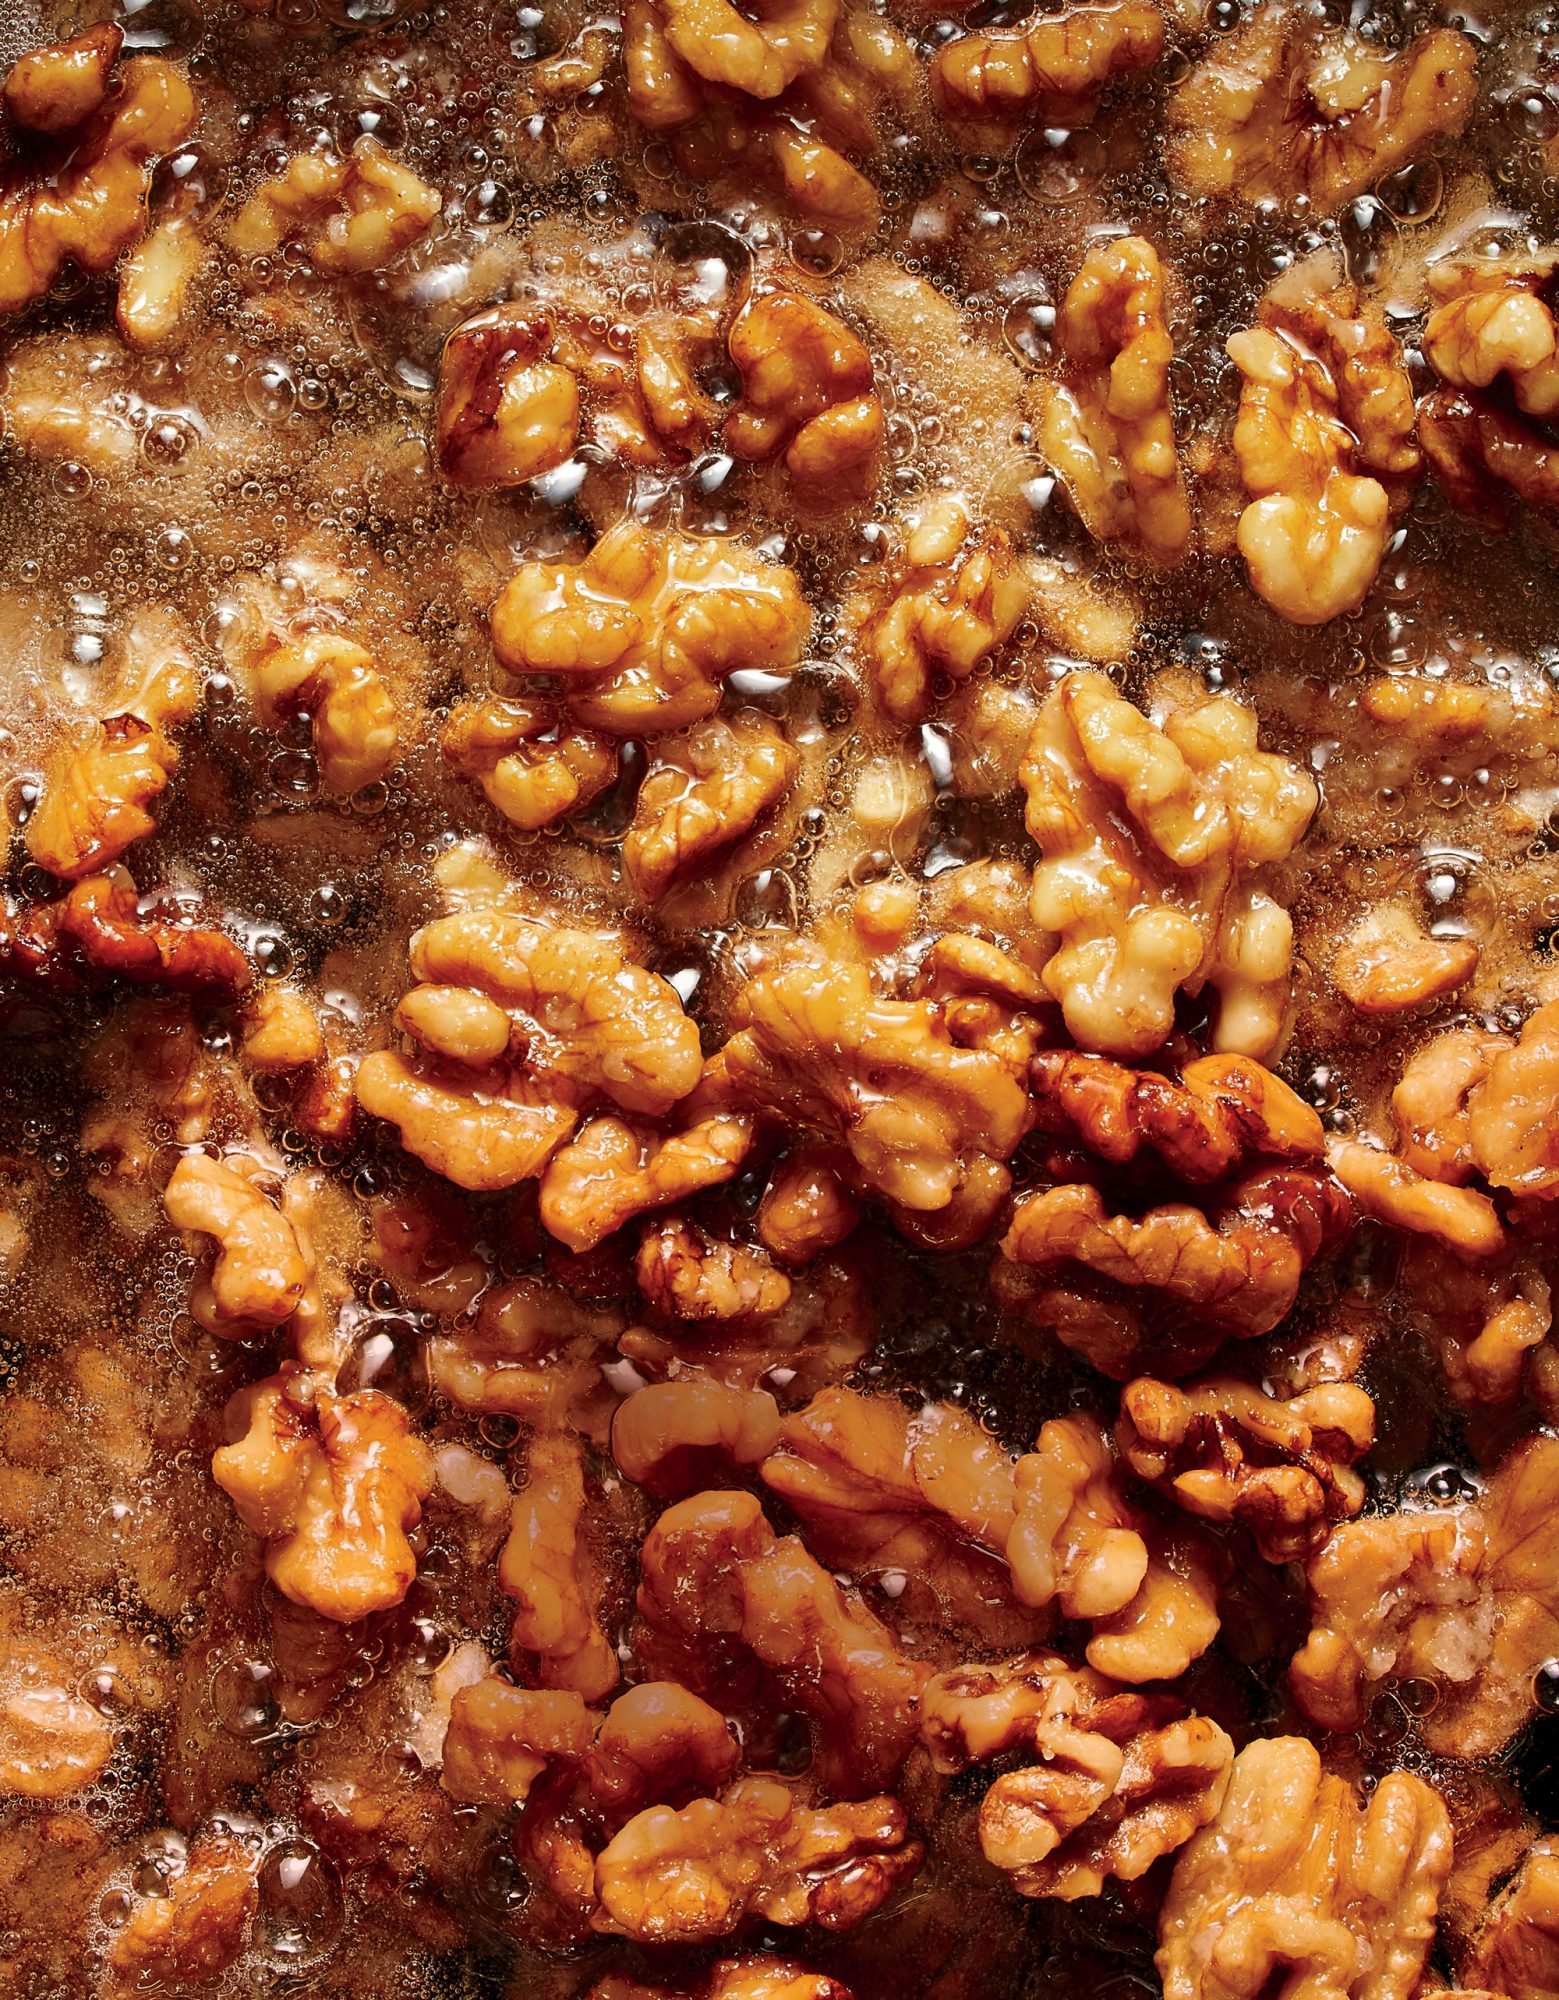 Fried Walnuts